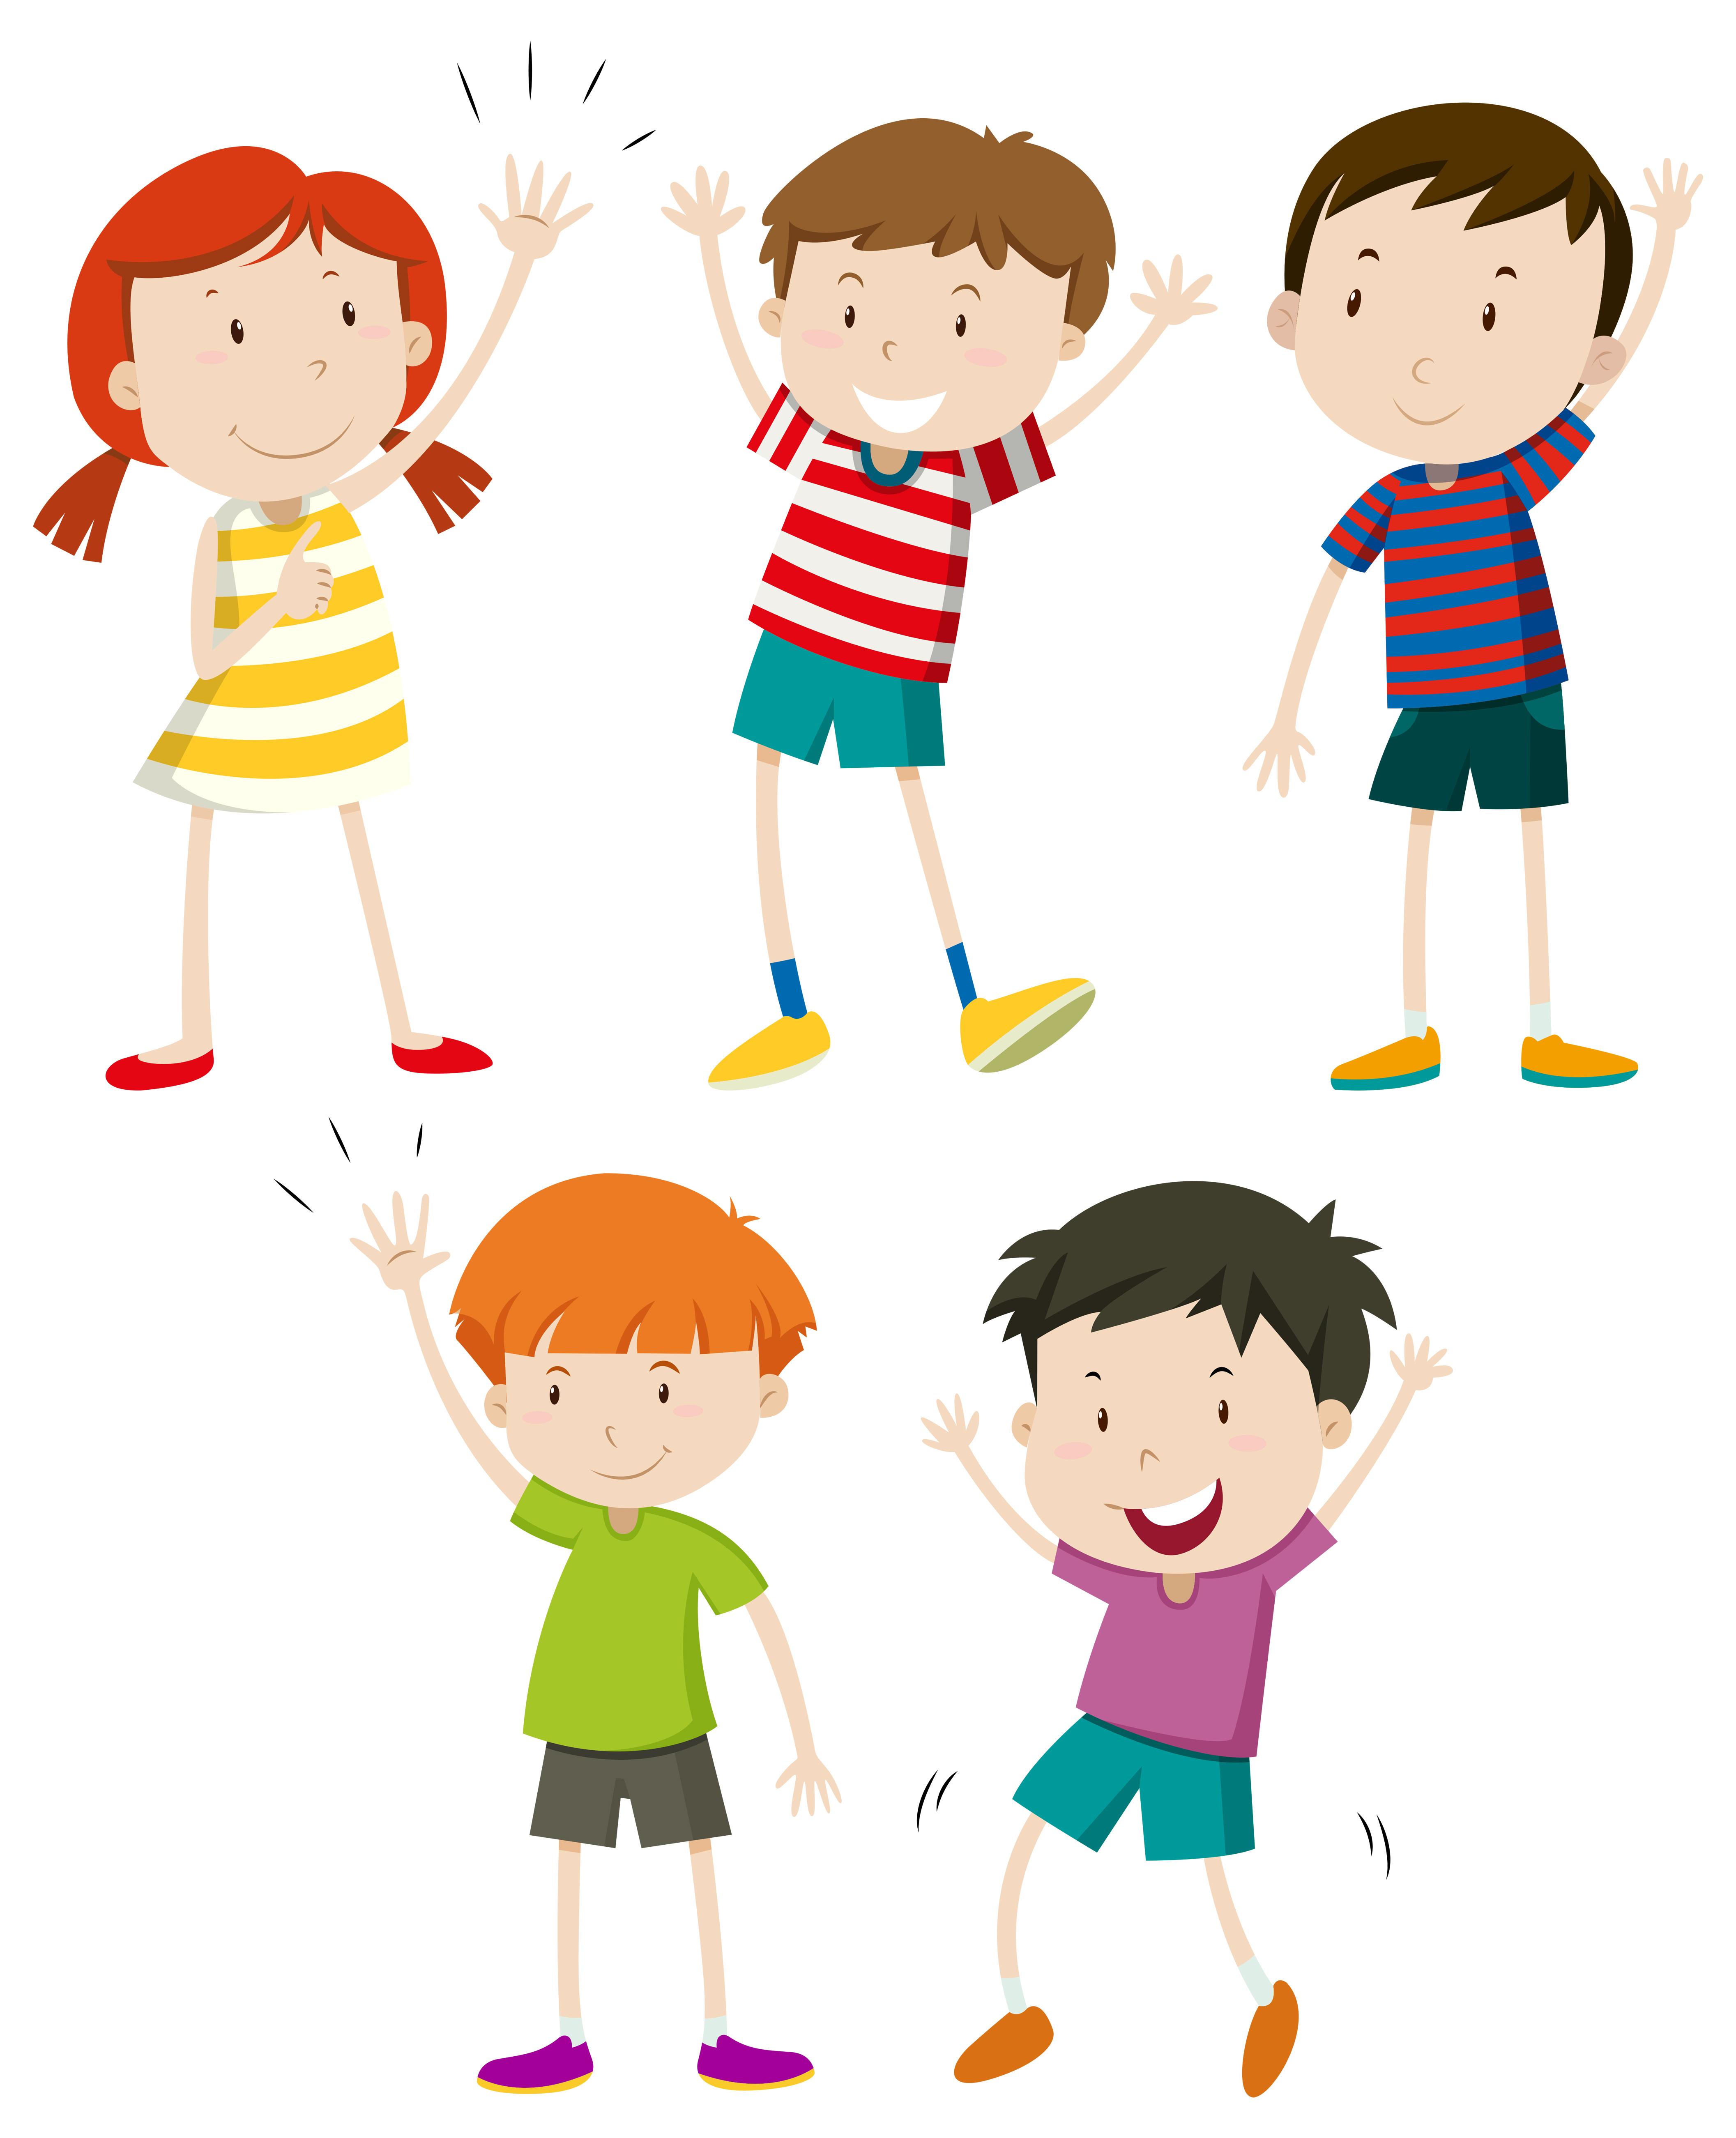 A Set of Kids Waving - Download Free Vectors, Clipart ...